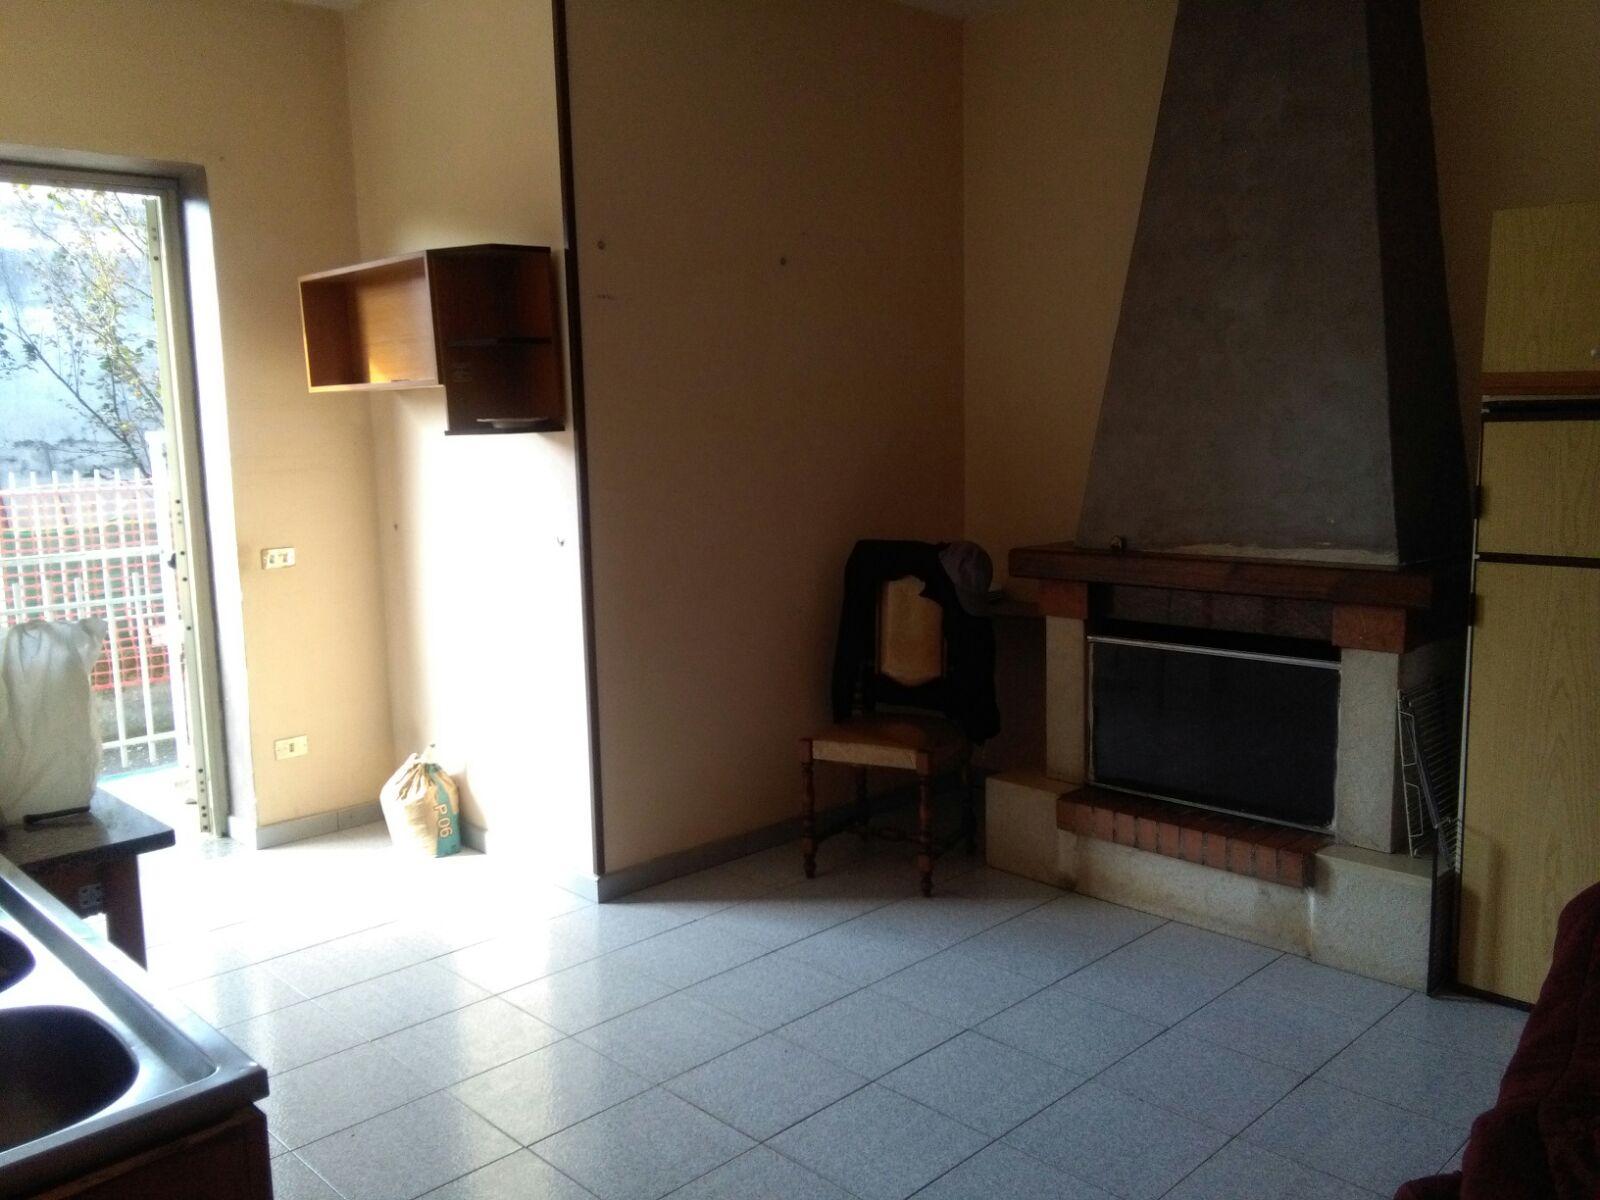 Appartamento in affitto a Ottaviano, 3 locali, prezzo € 300 | Cambio Casa.it